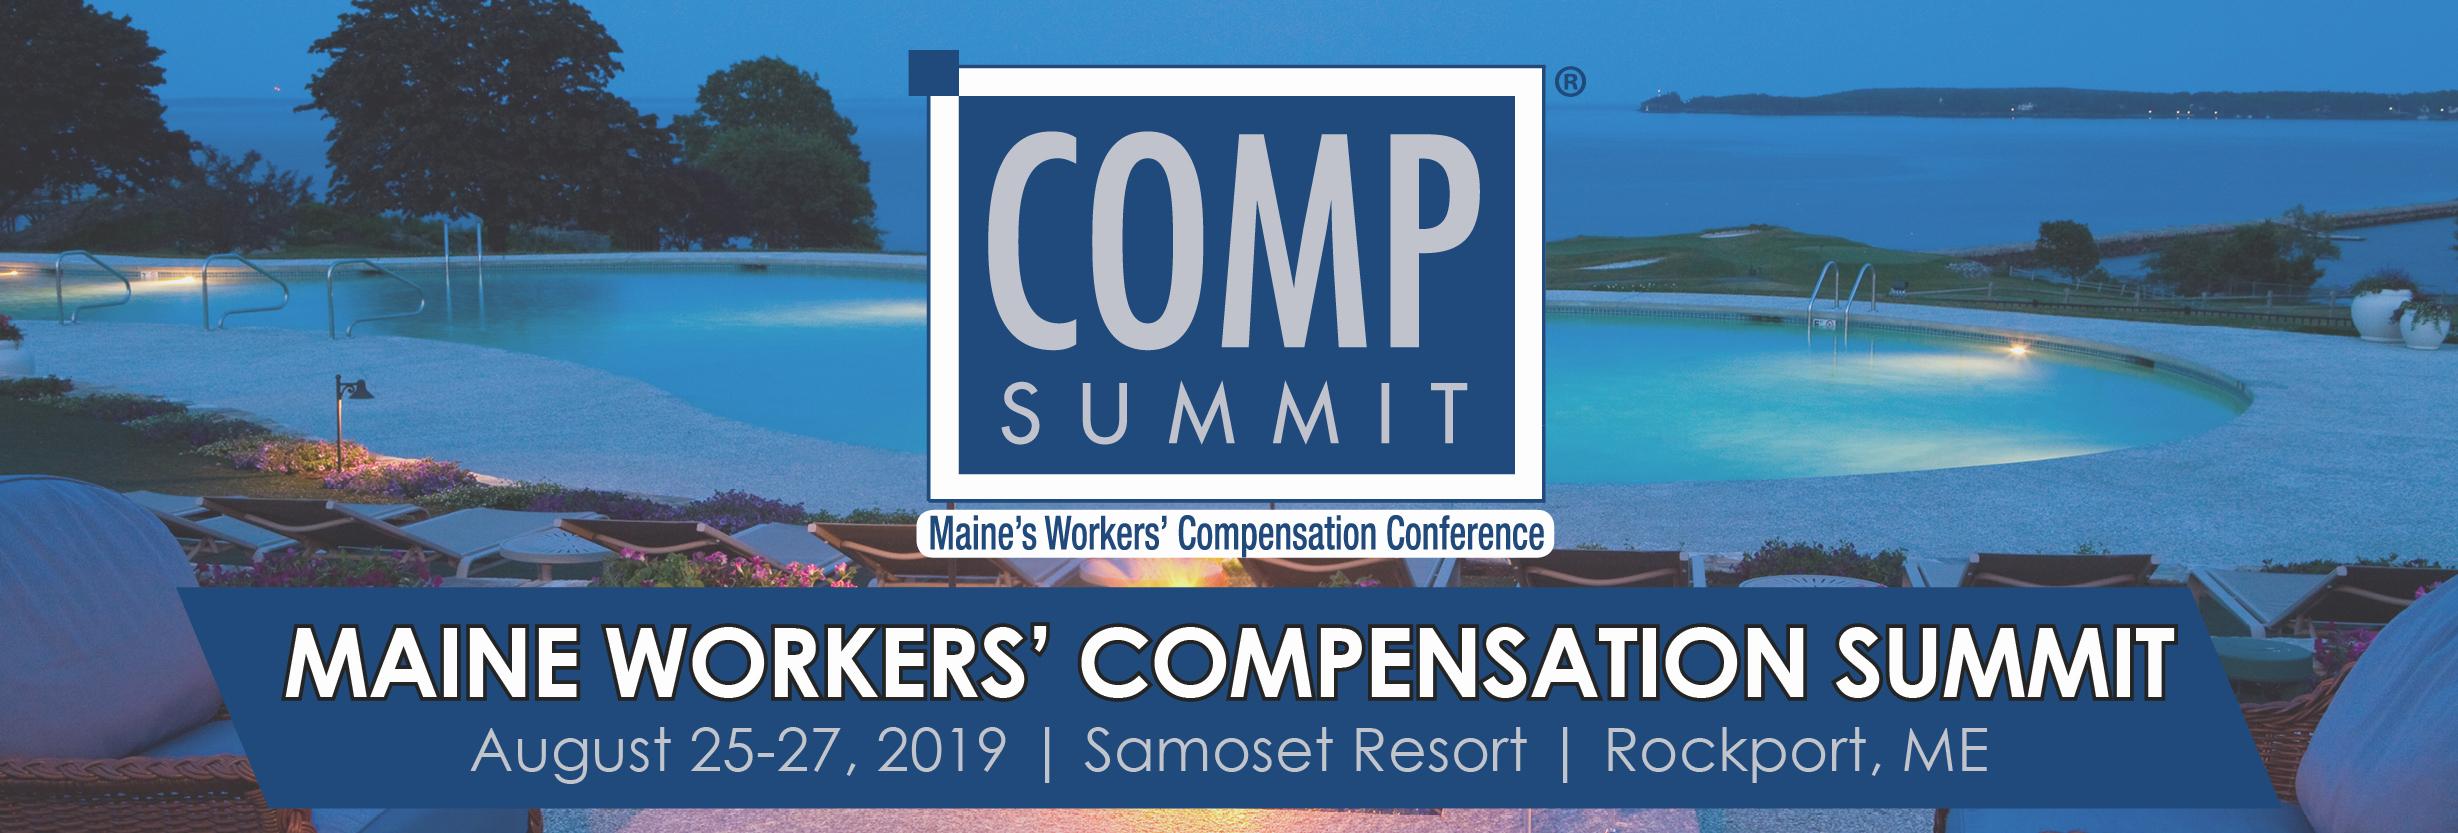 2019 Maine Comp Summit Online Registration